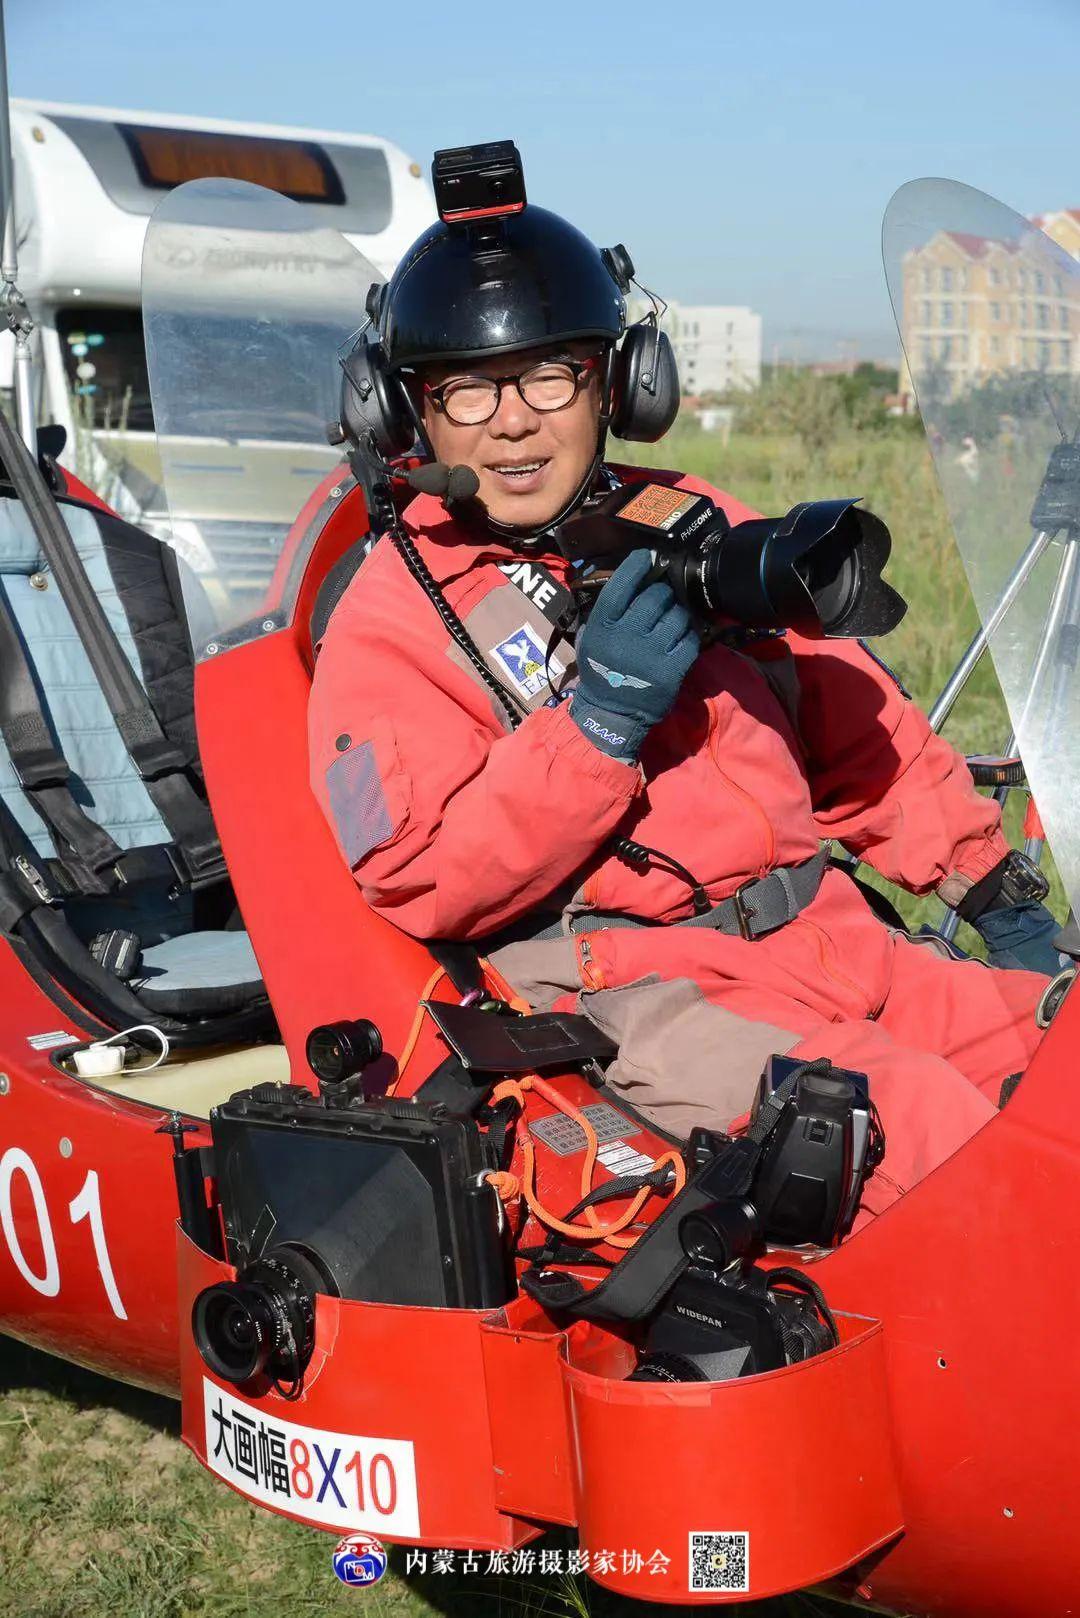 豪气难掩,志在蓝天——记我区著名蒙古族航空摄影家诺敏·何 第21张 豪气难掩,志在蓝天——记我区著名蒙古族航空摄影家诺敏·何 蒙古文化